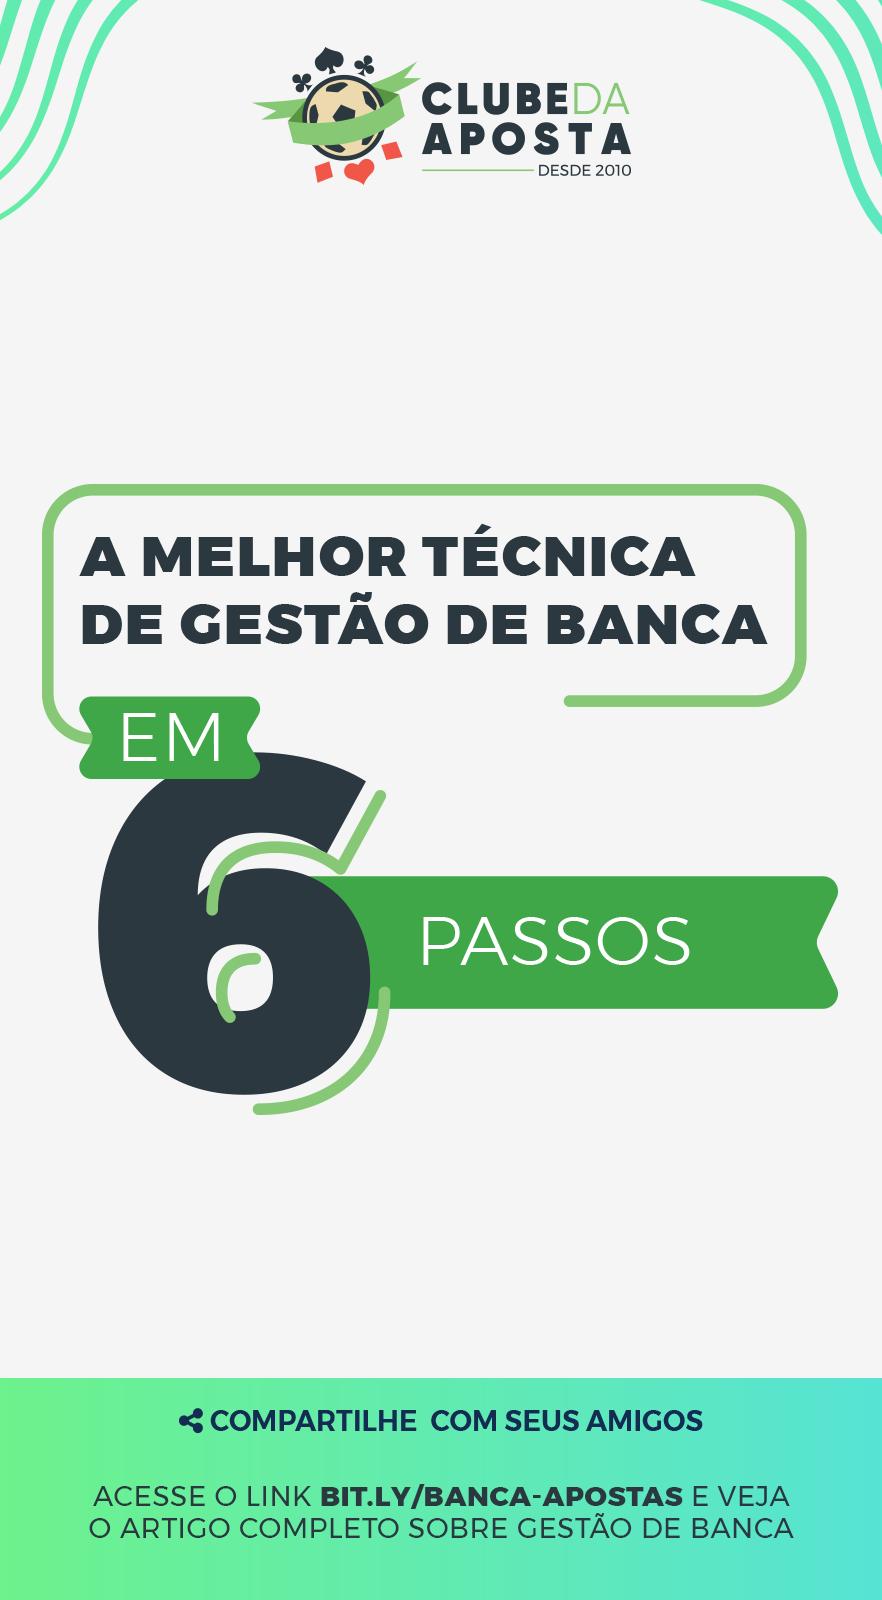 00 A Melhor Tecnica De Gestao De Banca Em 6 Passos 882x1600